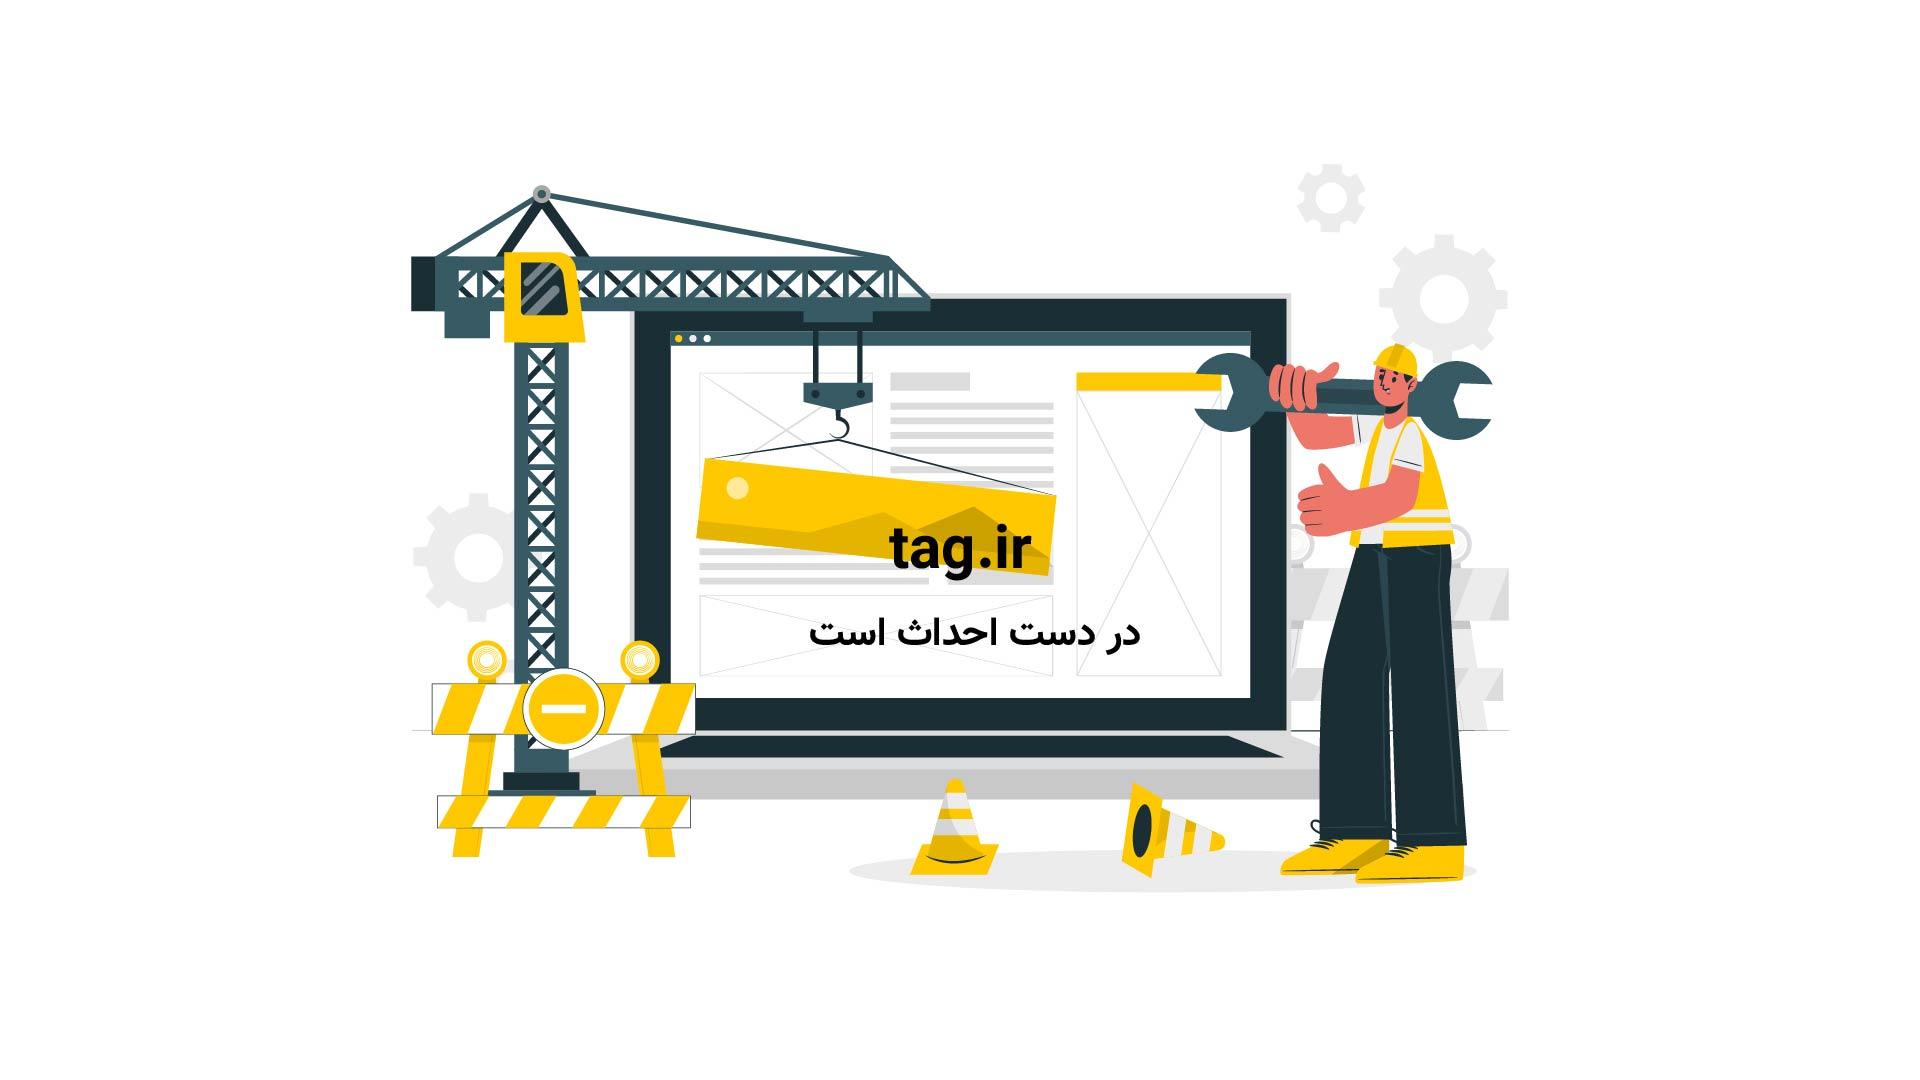 یونان | تگ